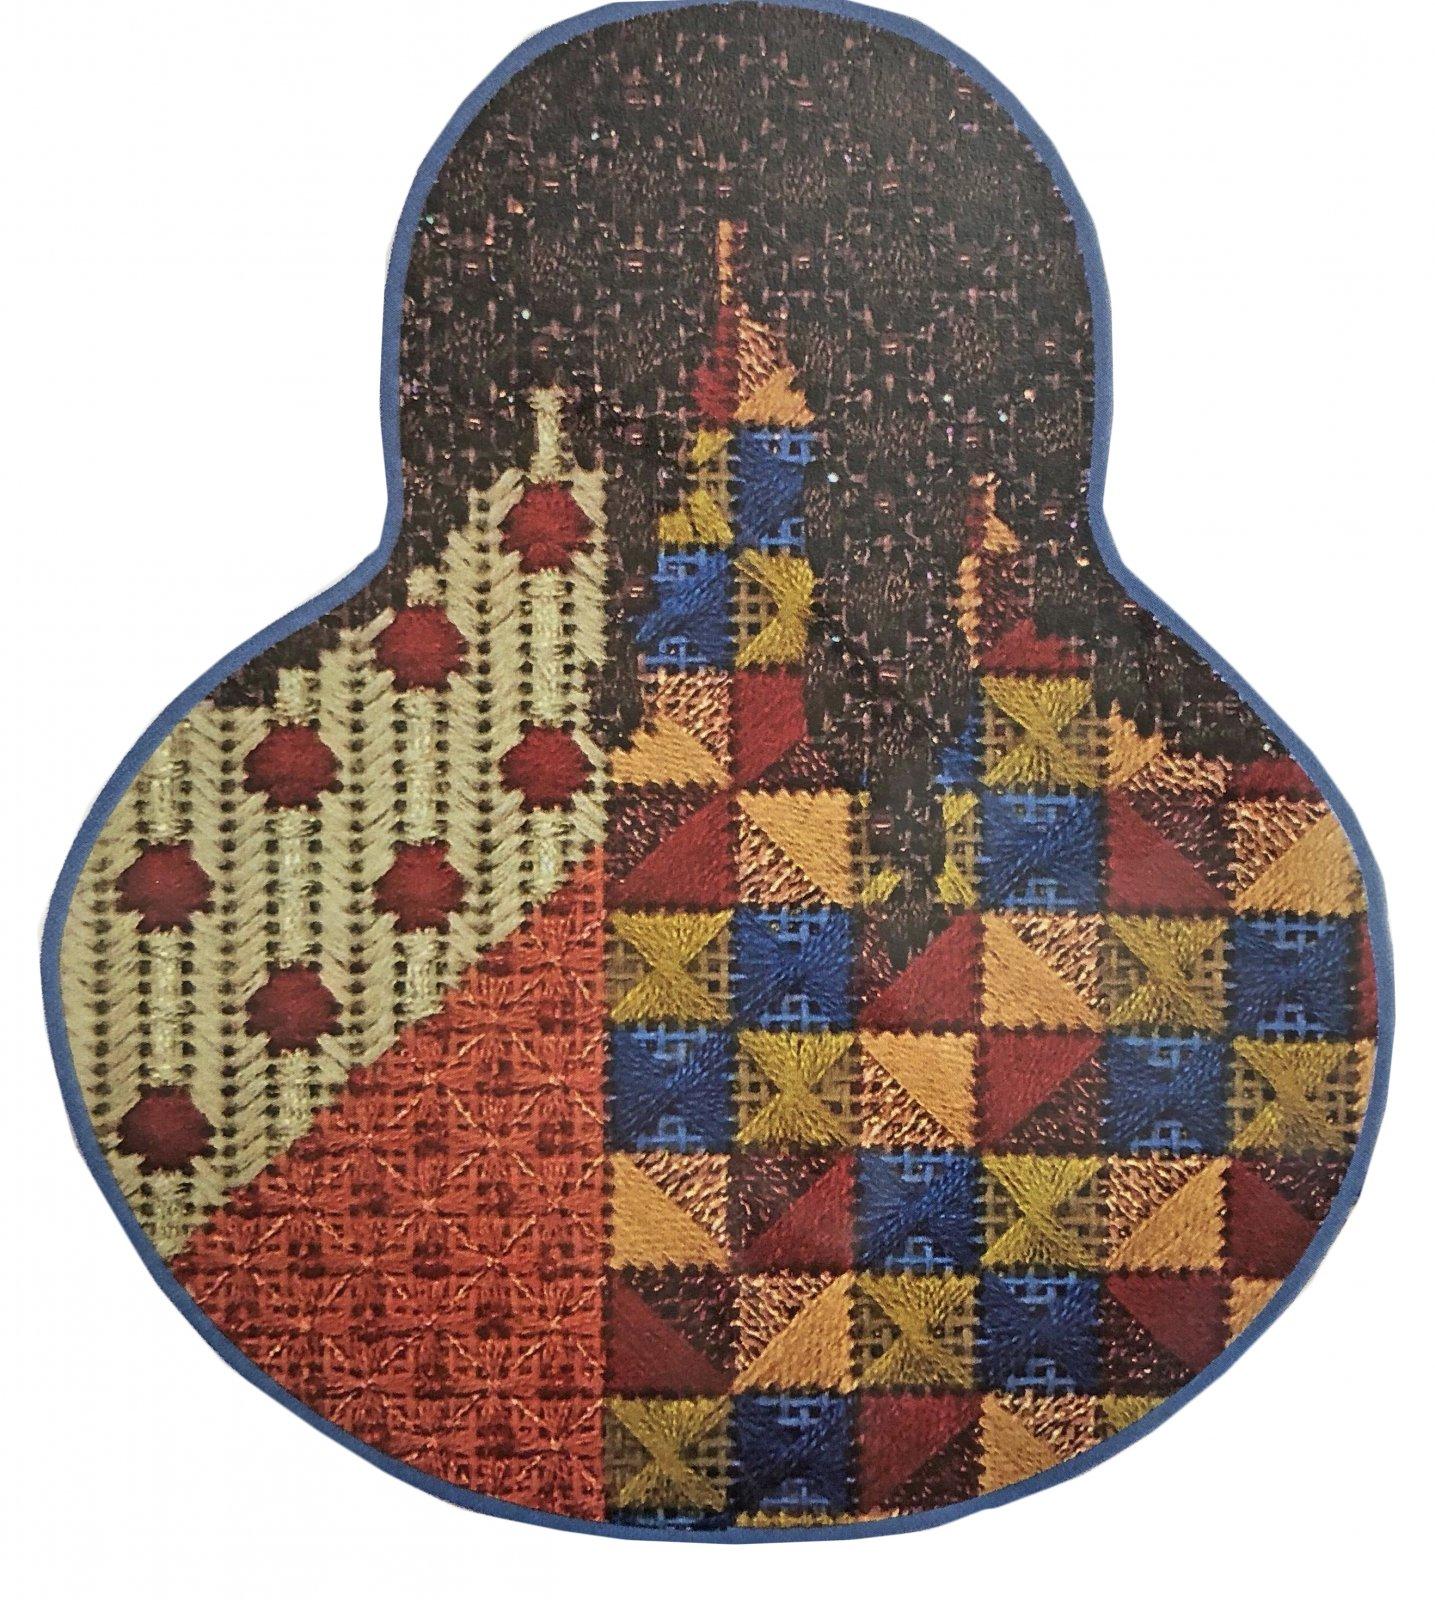 Kit-KCN Autumn Pear Club# 1 Autumn Checkered Madness Pear